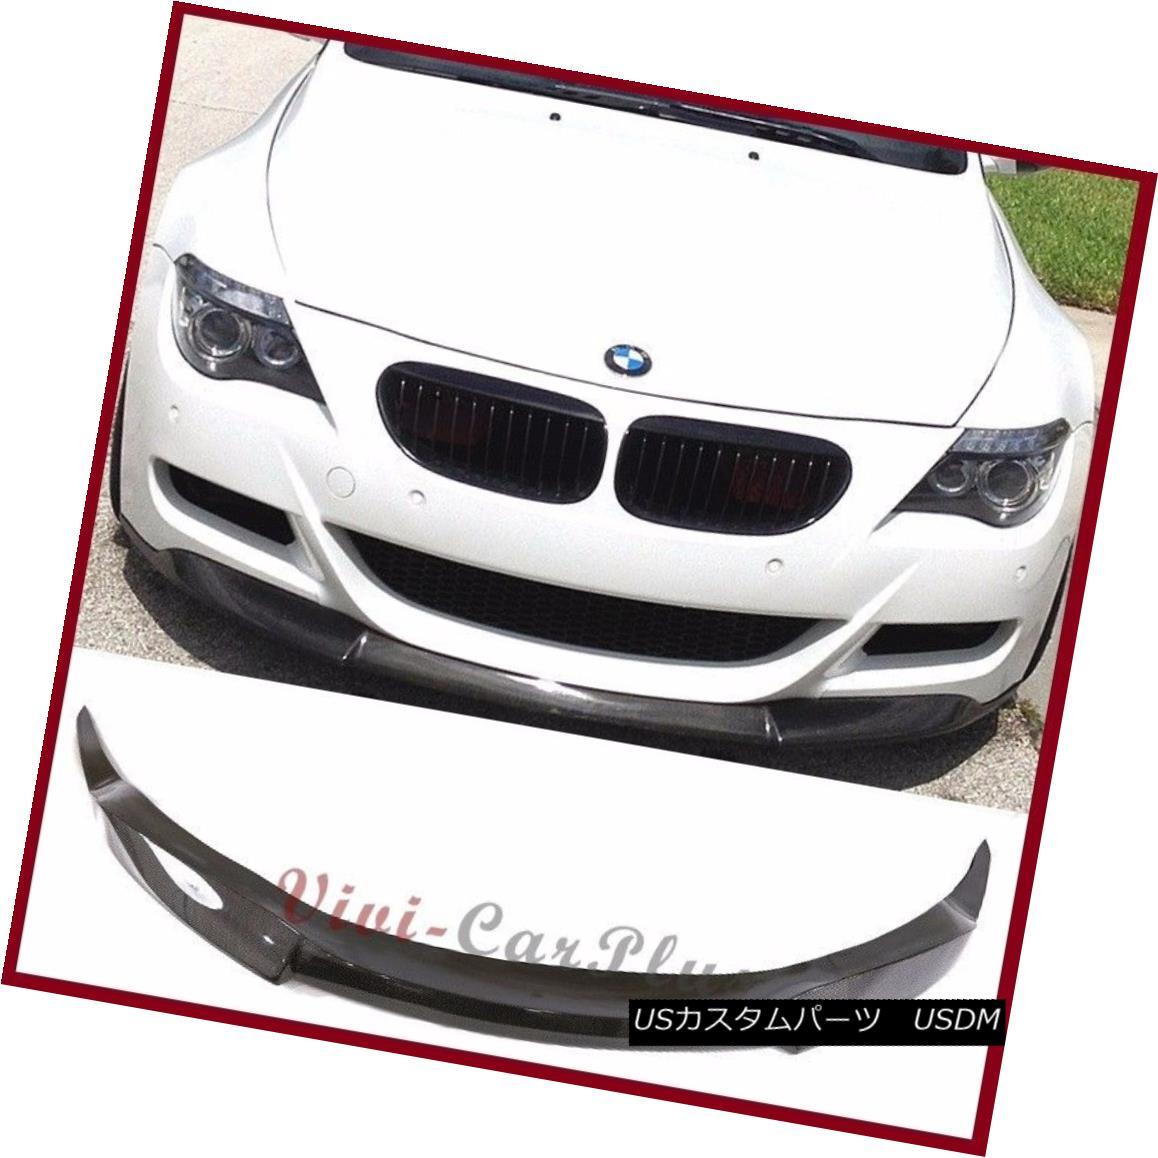 Steering Tie Rod End-C-TEK Standard Front Inner fits 04-14 Subaru Impreza